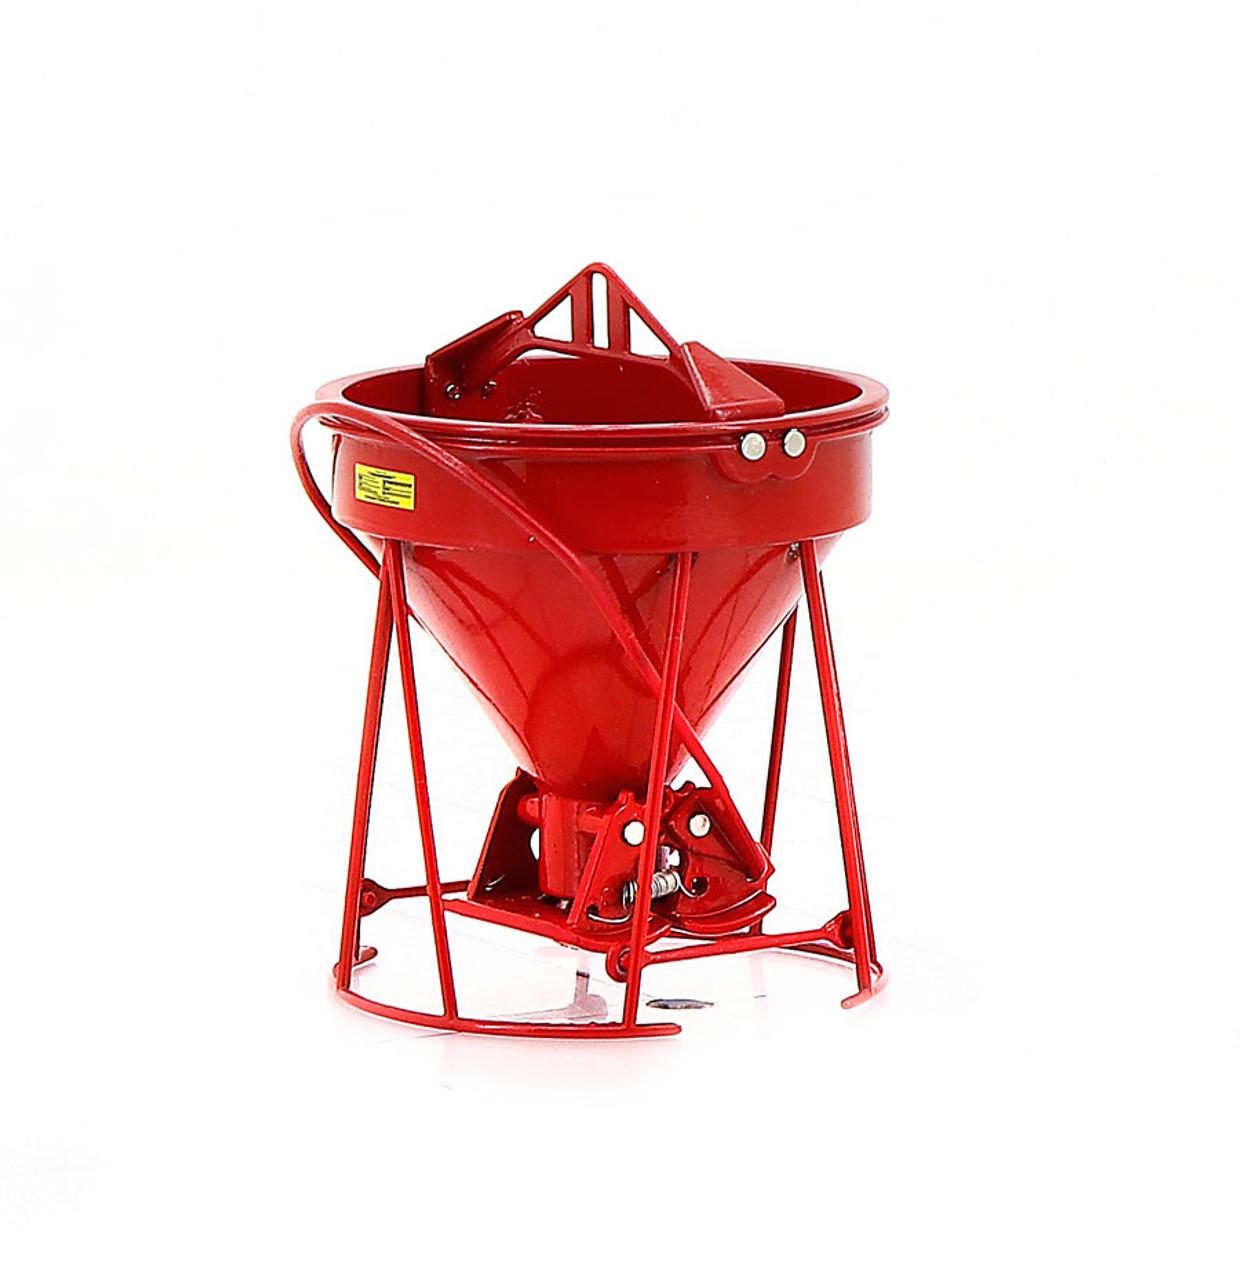 """Gar-Bro """"R"""" Series Lightweight Round-Gate Concrete Bucket - Red"""